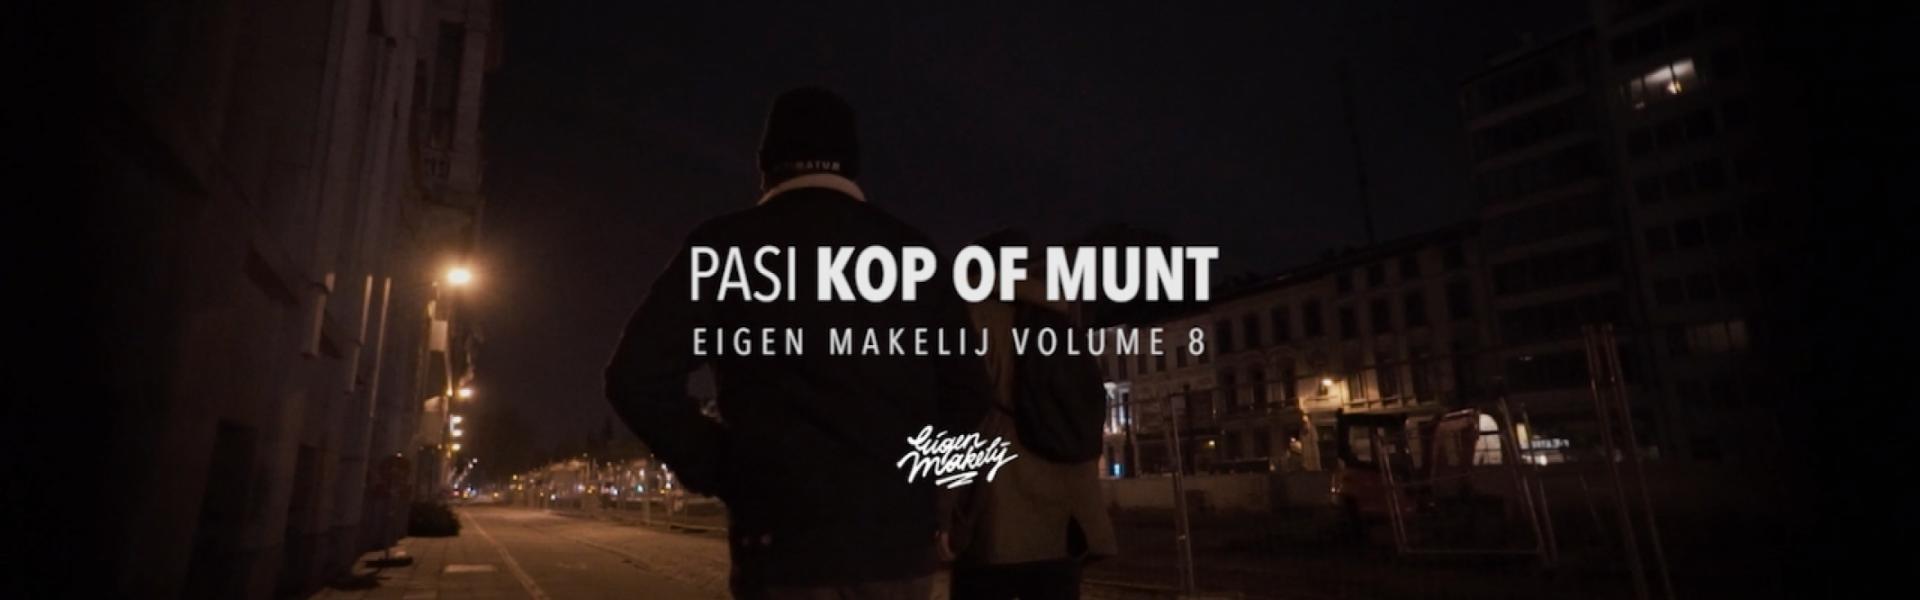 Embedded thumbnail for Pasi - Kop of munt